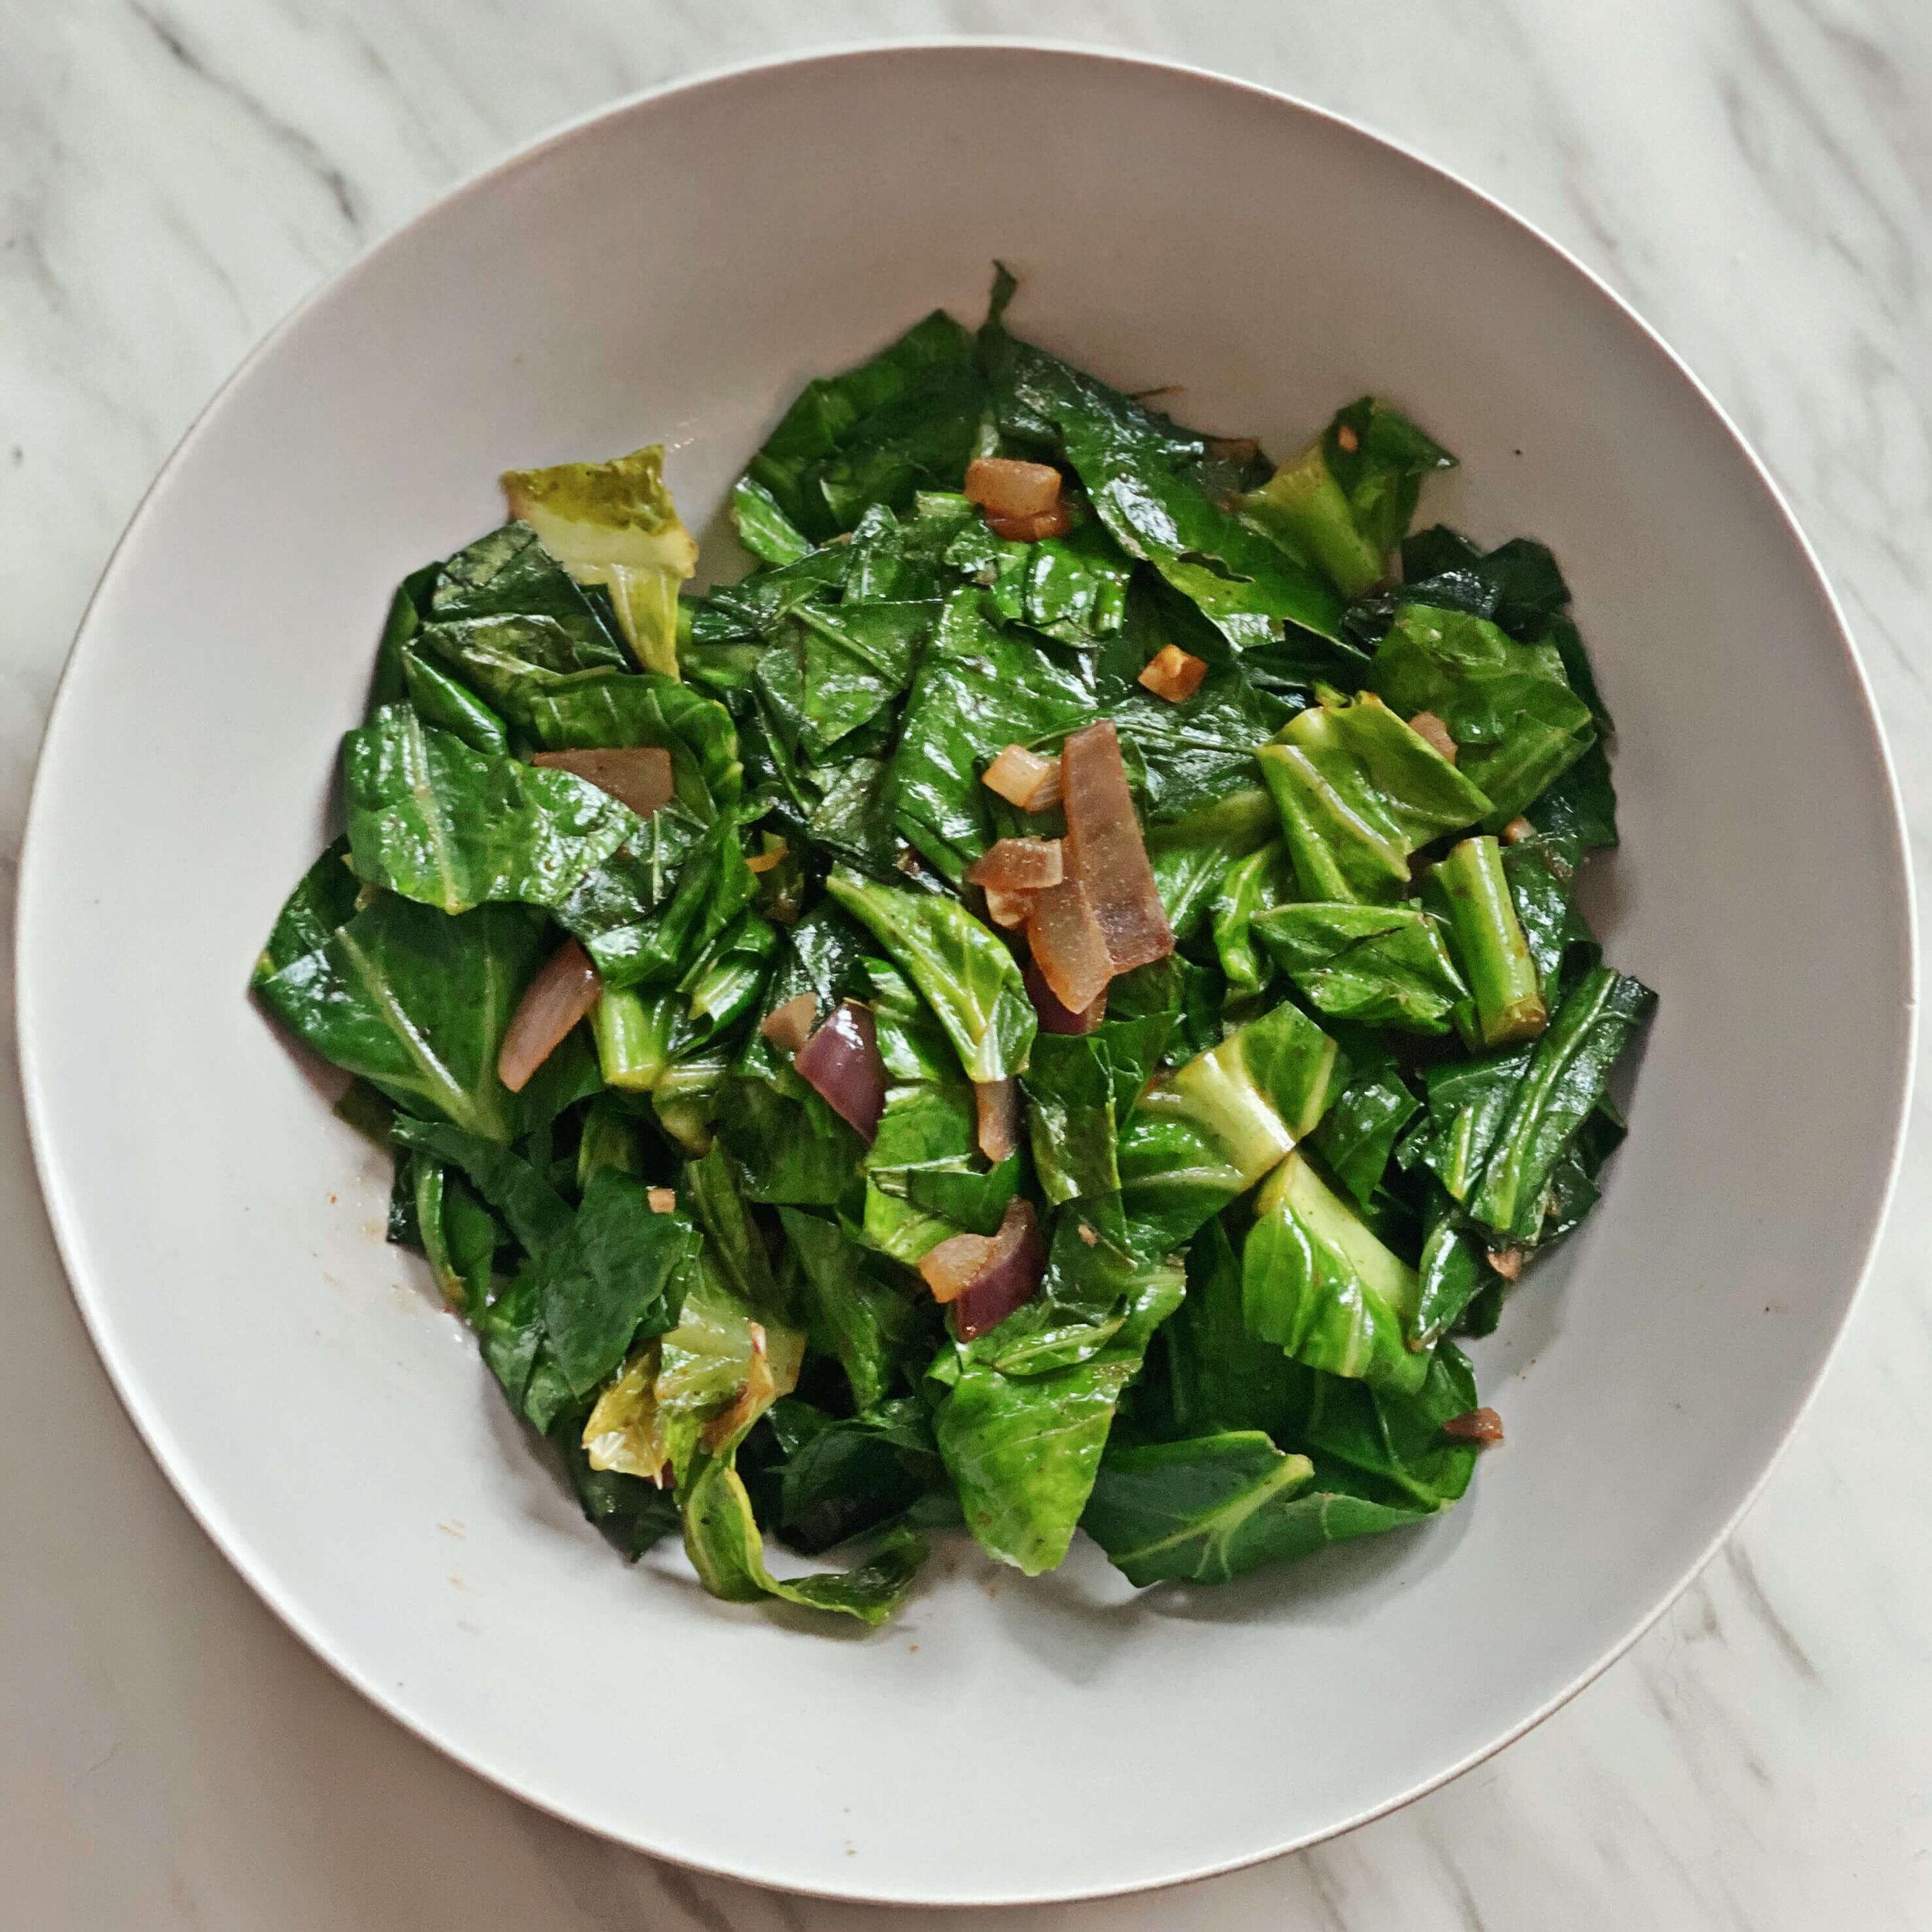 healthy stir fried greens